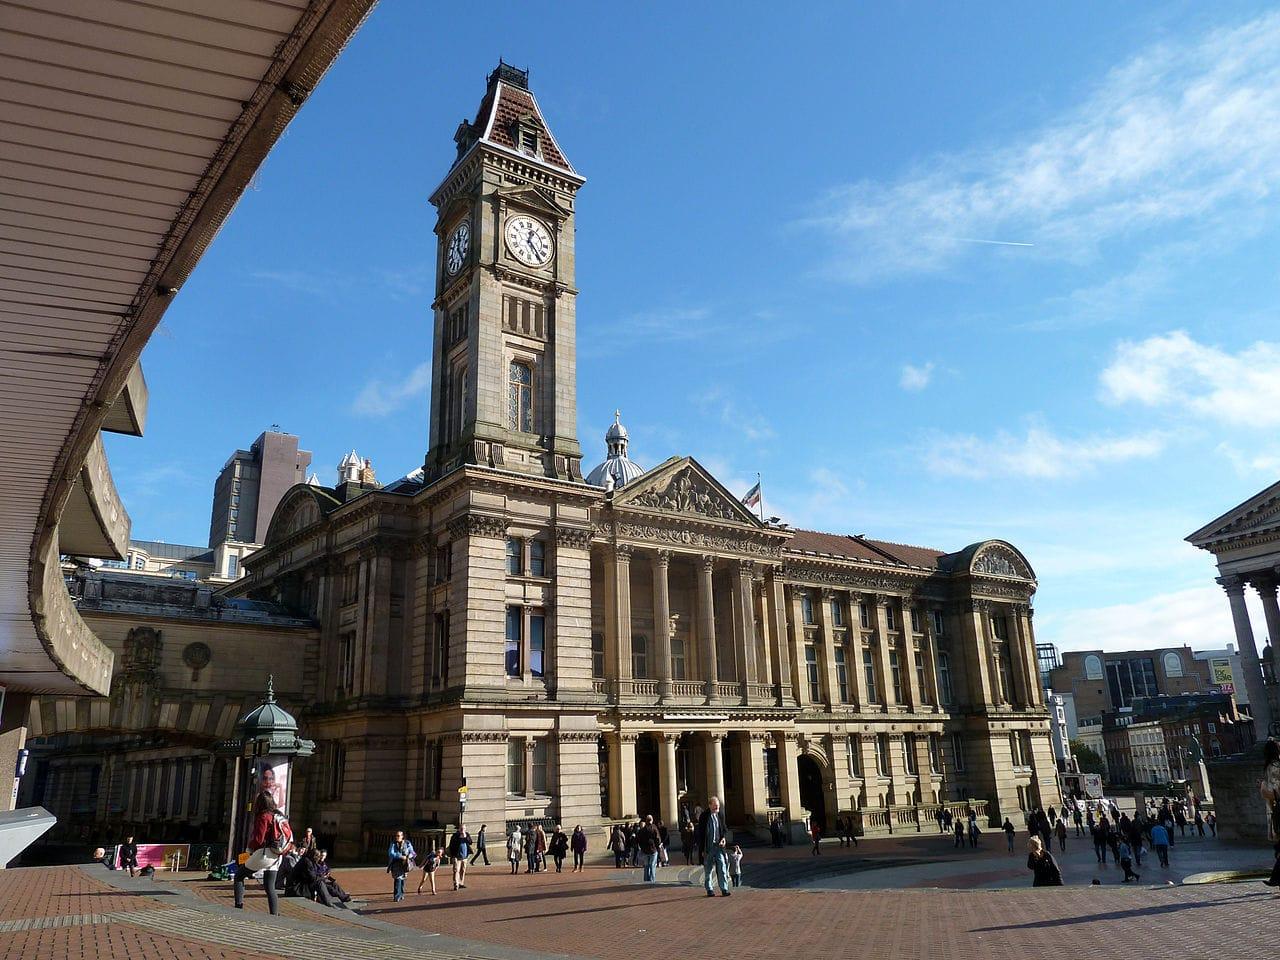 Lugares Turísticos de Birmingham